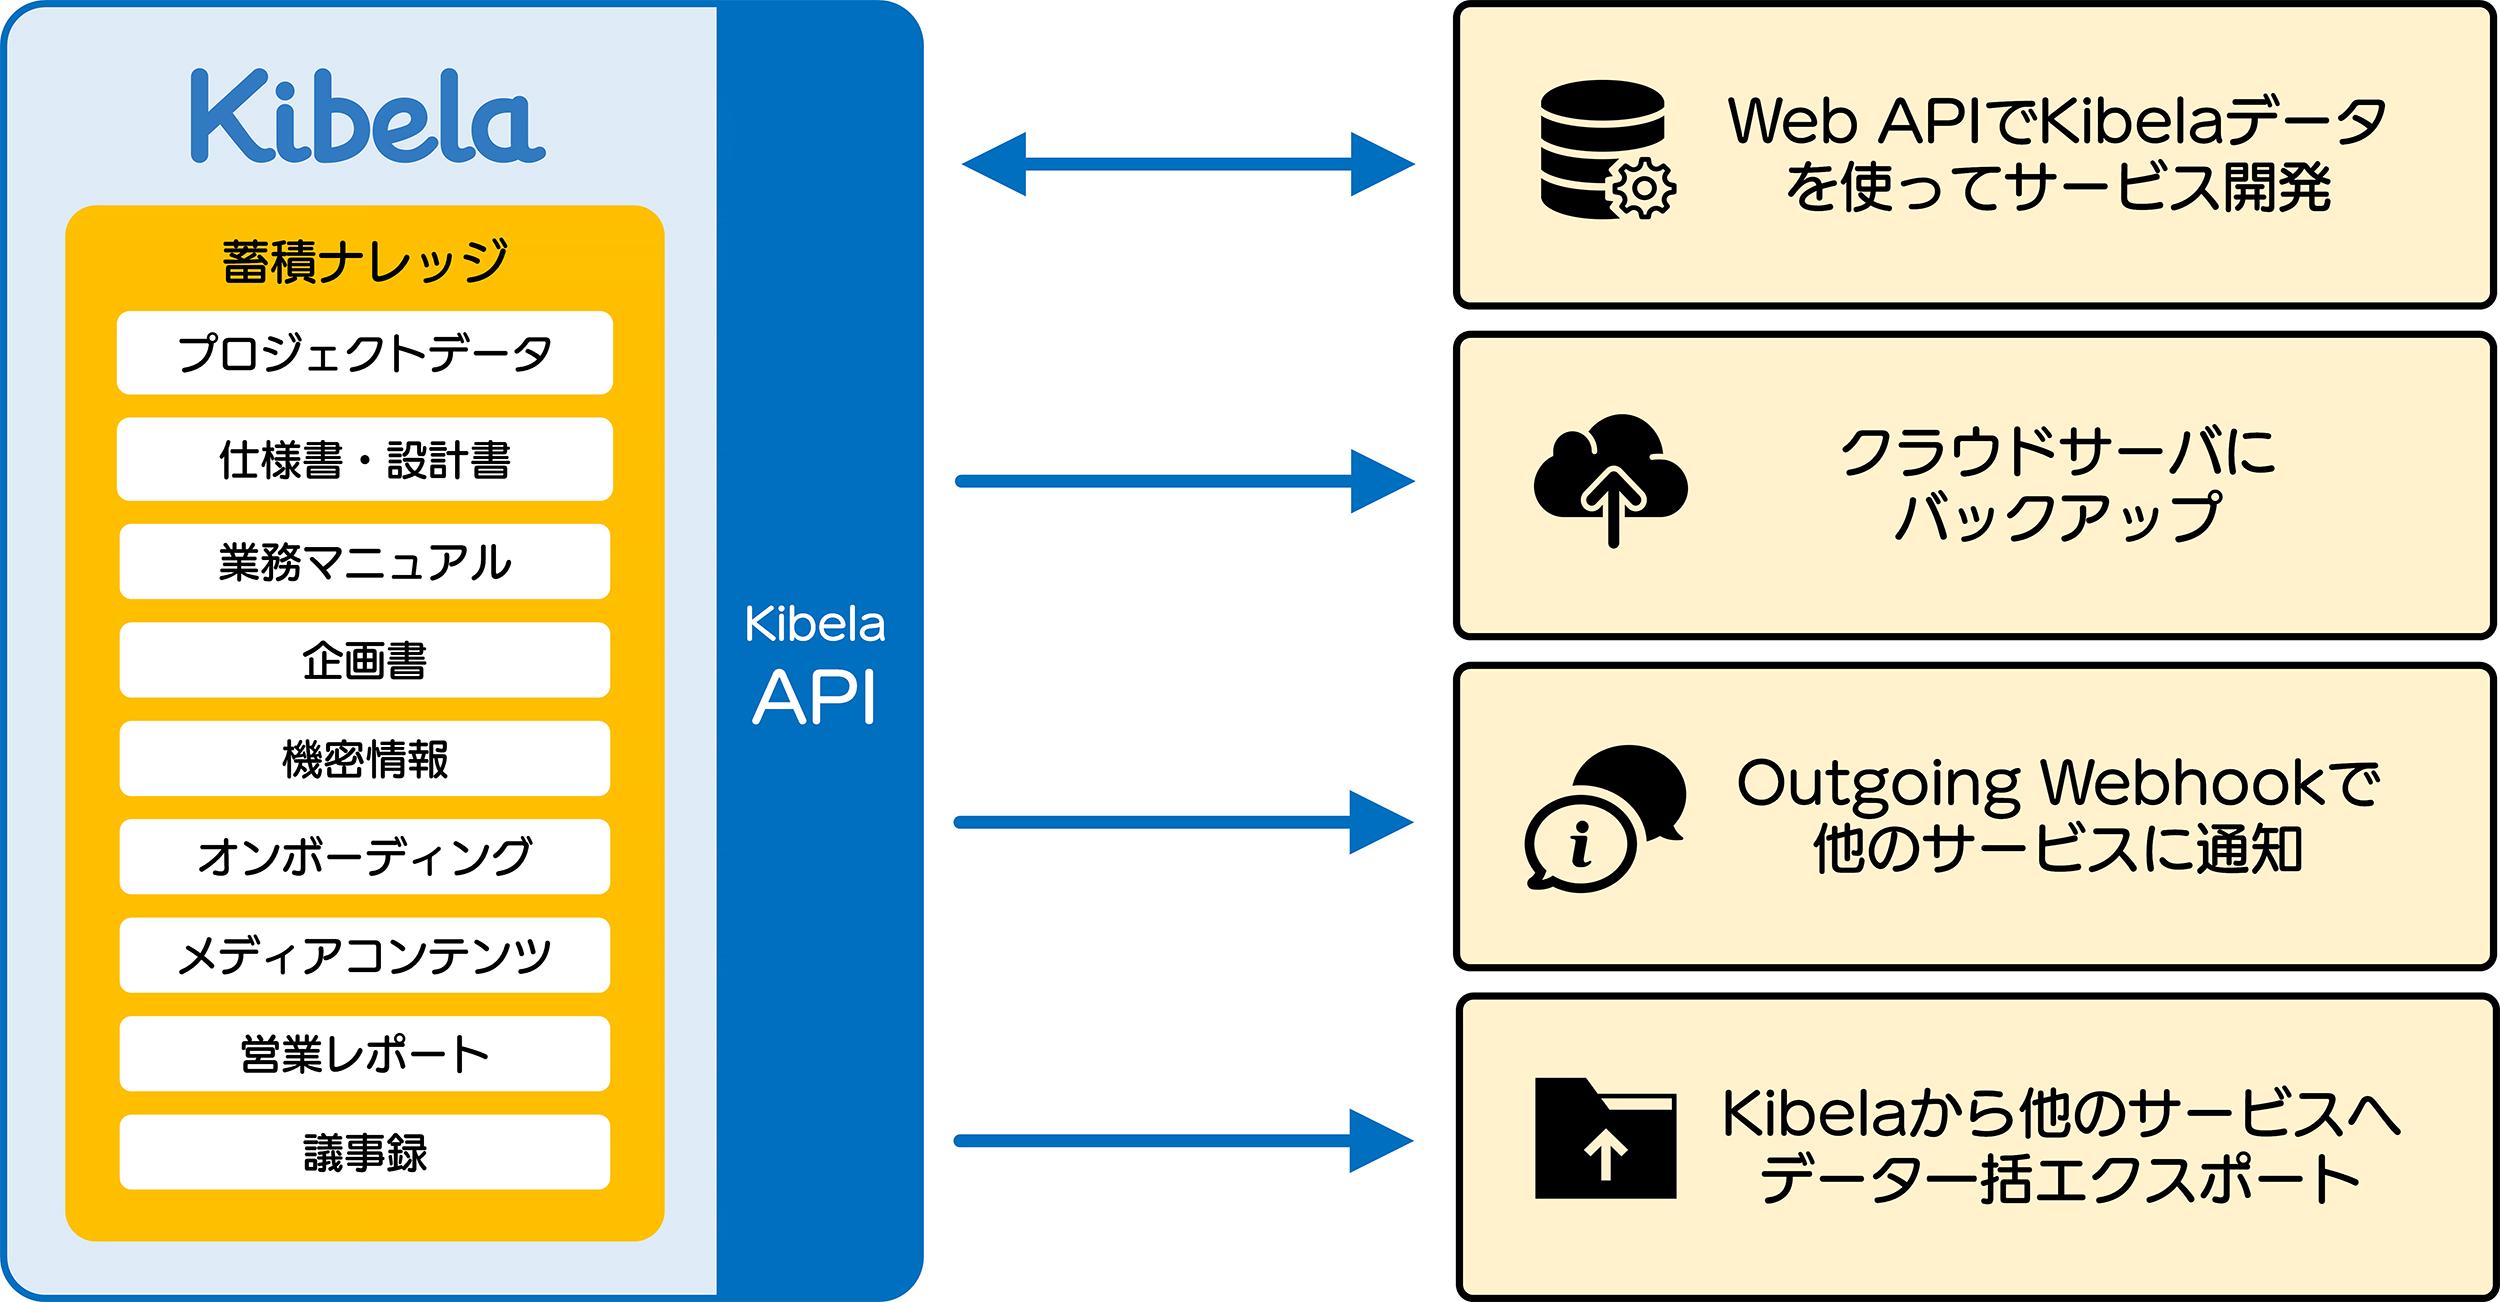 Kibela(キベラ)、Webアプリケーションやクラウドサービスと連携する 『Web API』の正式リリースにより ...